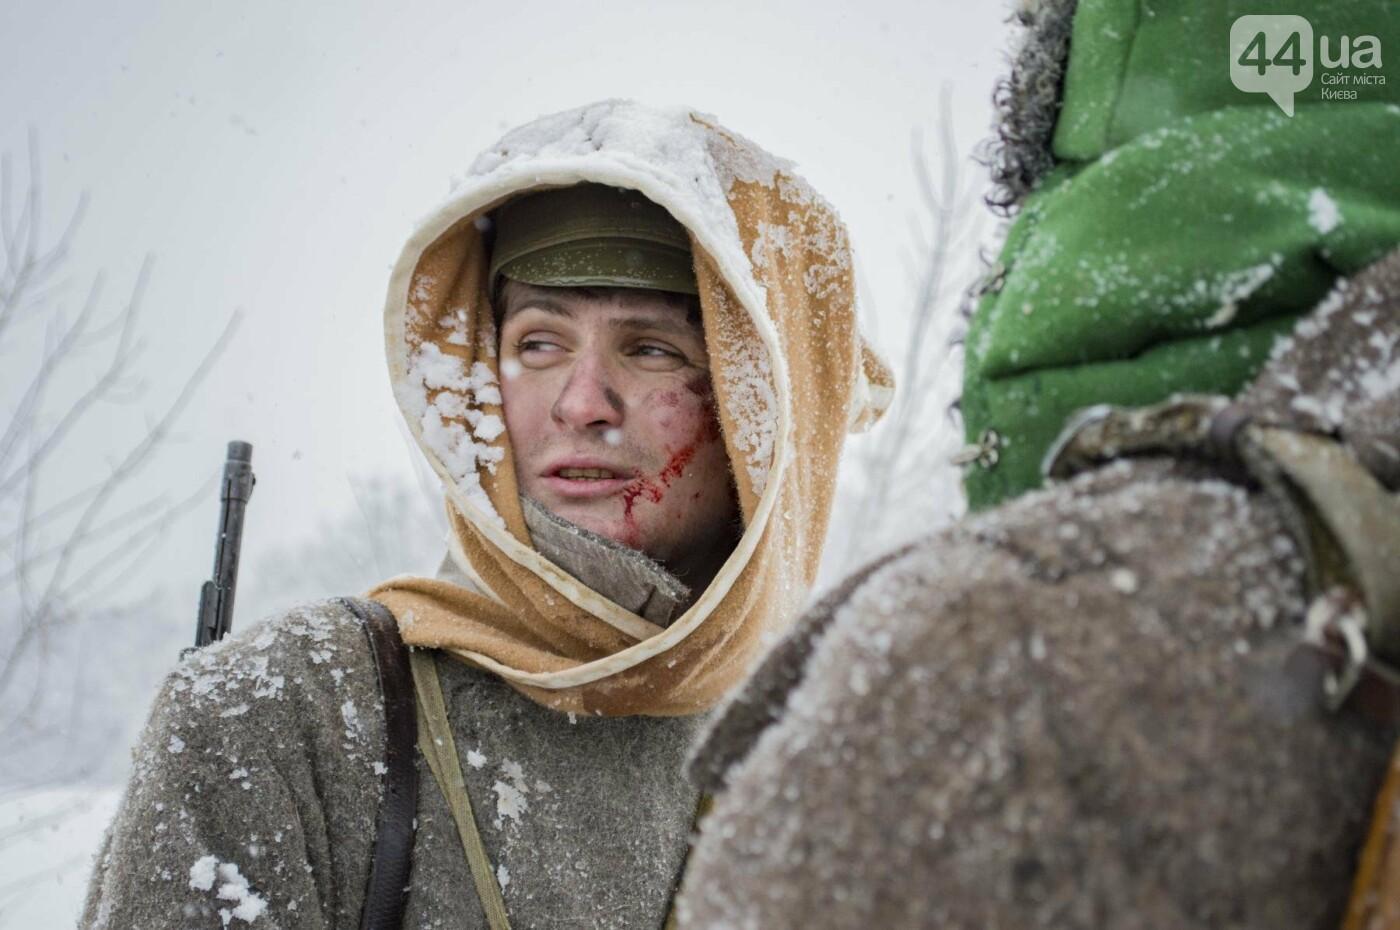 Под Киевом снимают новый украинский фильм, яркие закулисные фото, фото-10